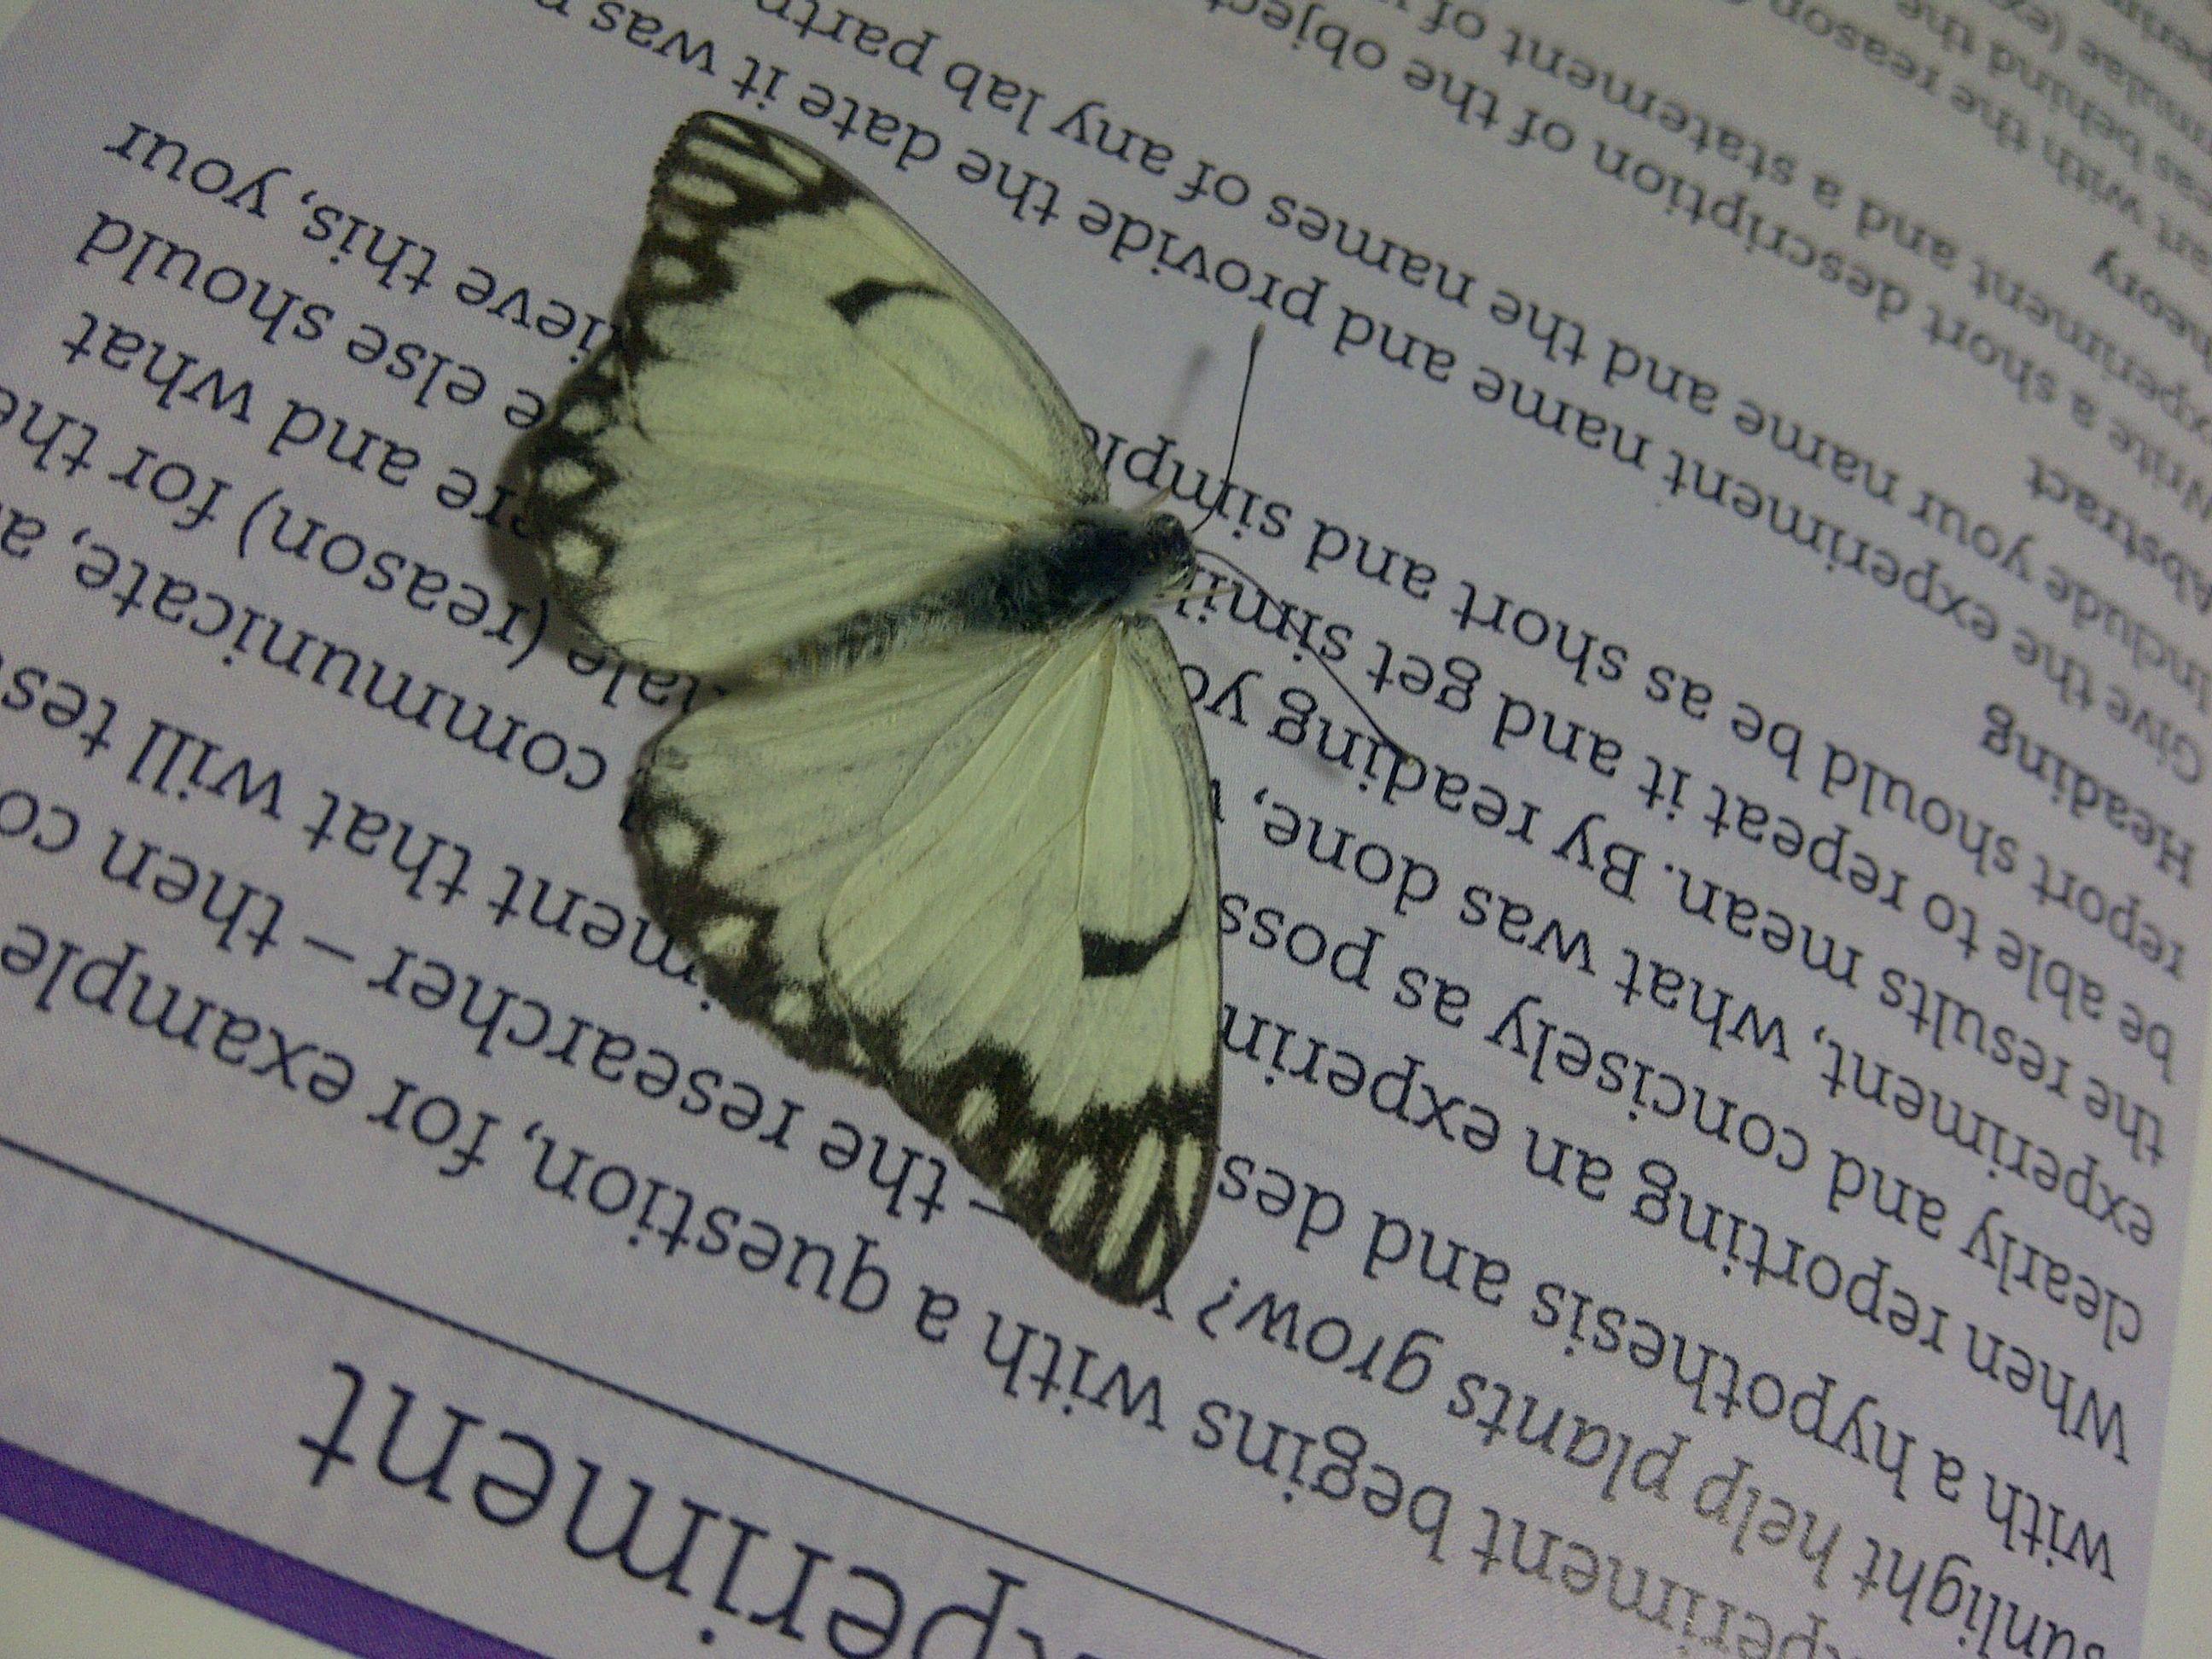 أحد أشكال أبي دقيق Rhopolocera صولجانيات القرون Style Inspiration Tri Butterfly